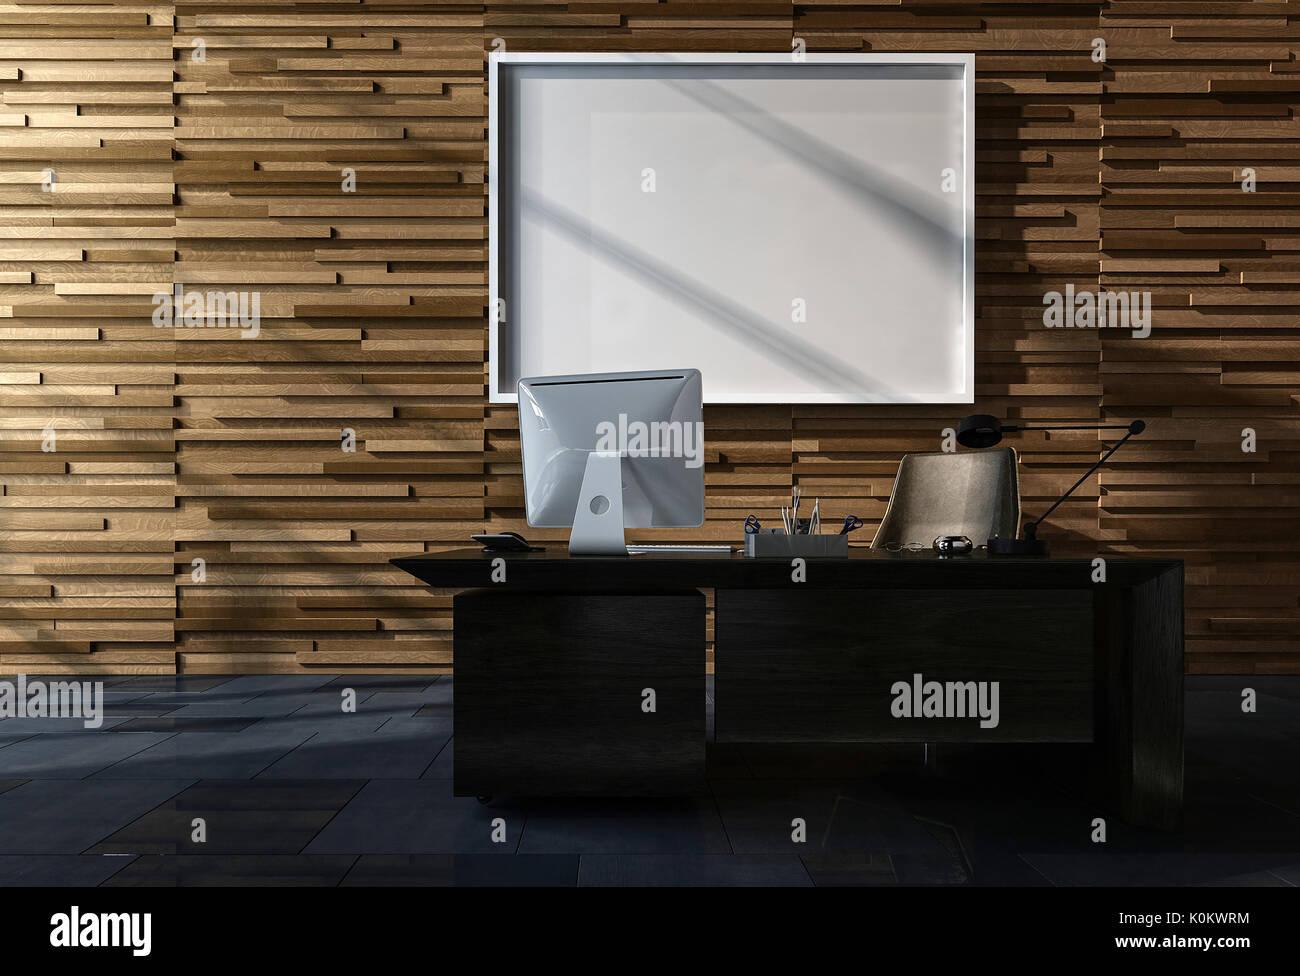 Modernes Büro mit leeren Bilderrahmen hängen an einem verfügen über ...